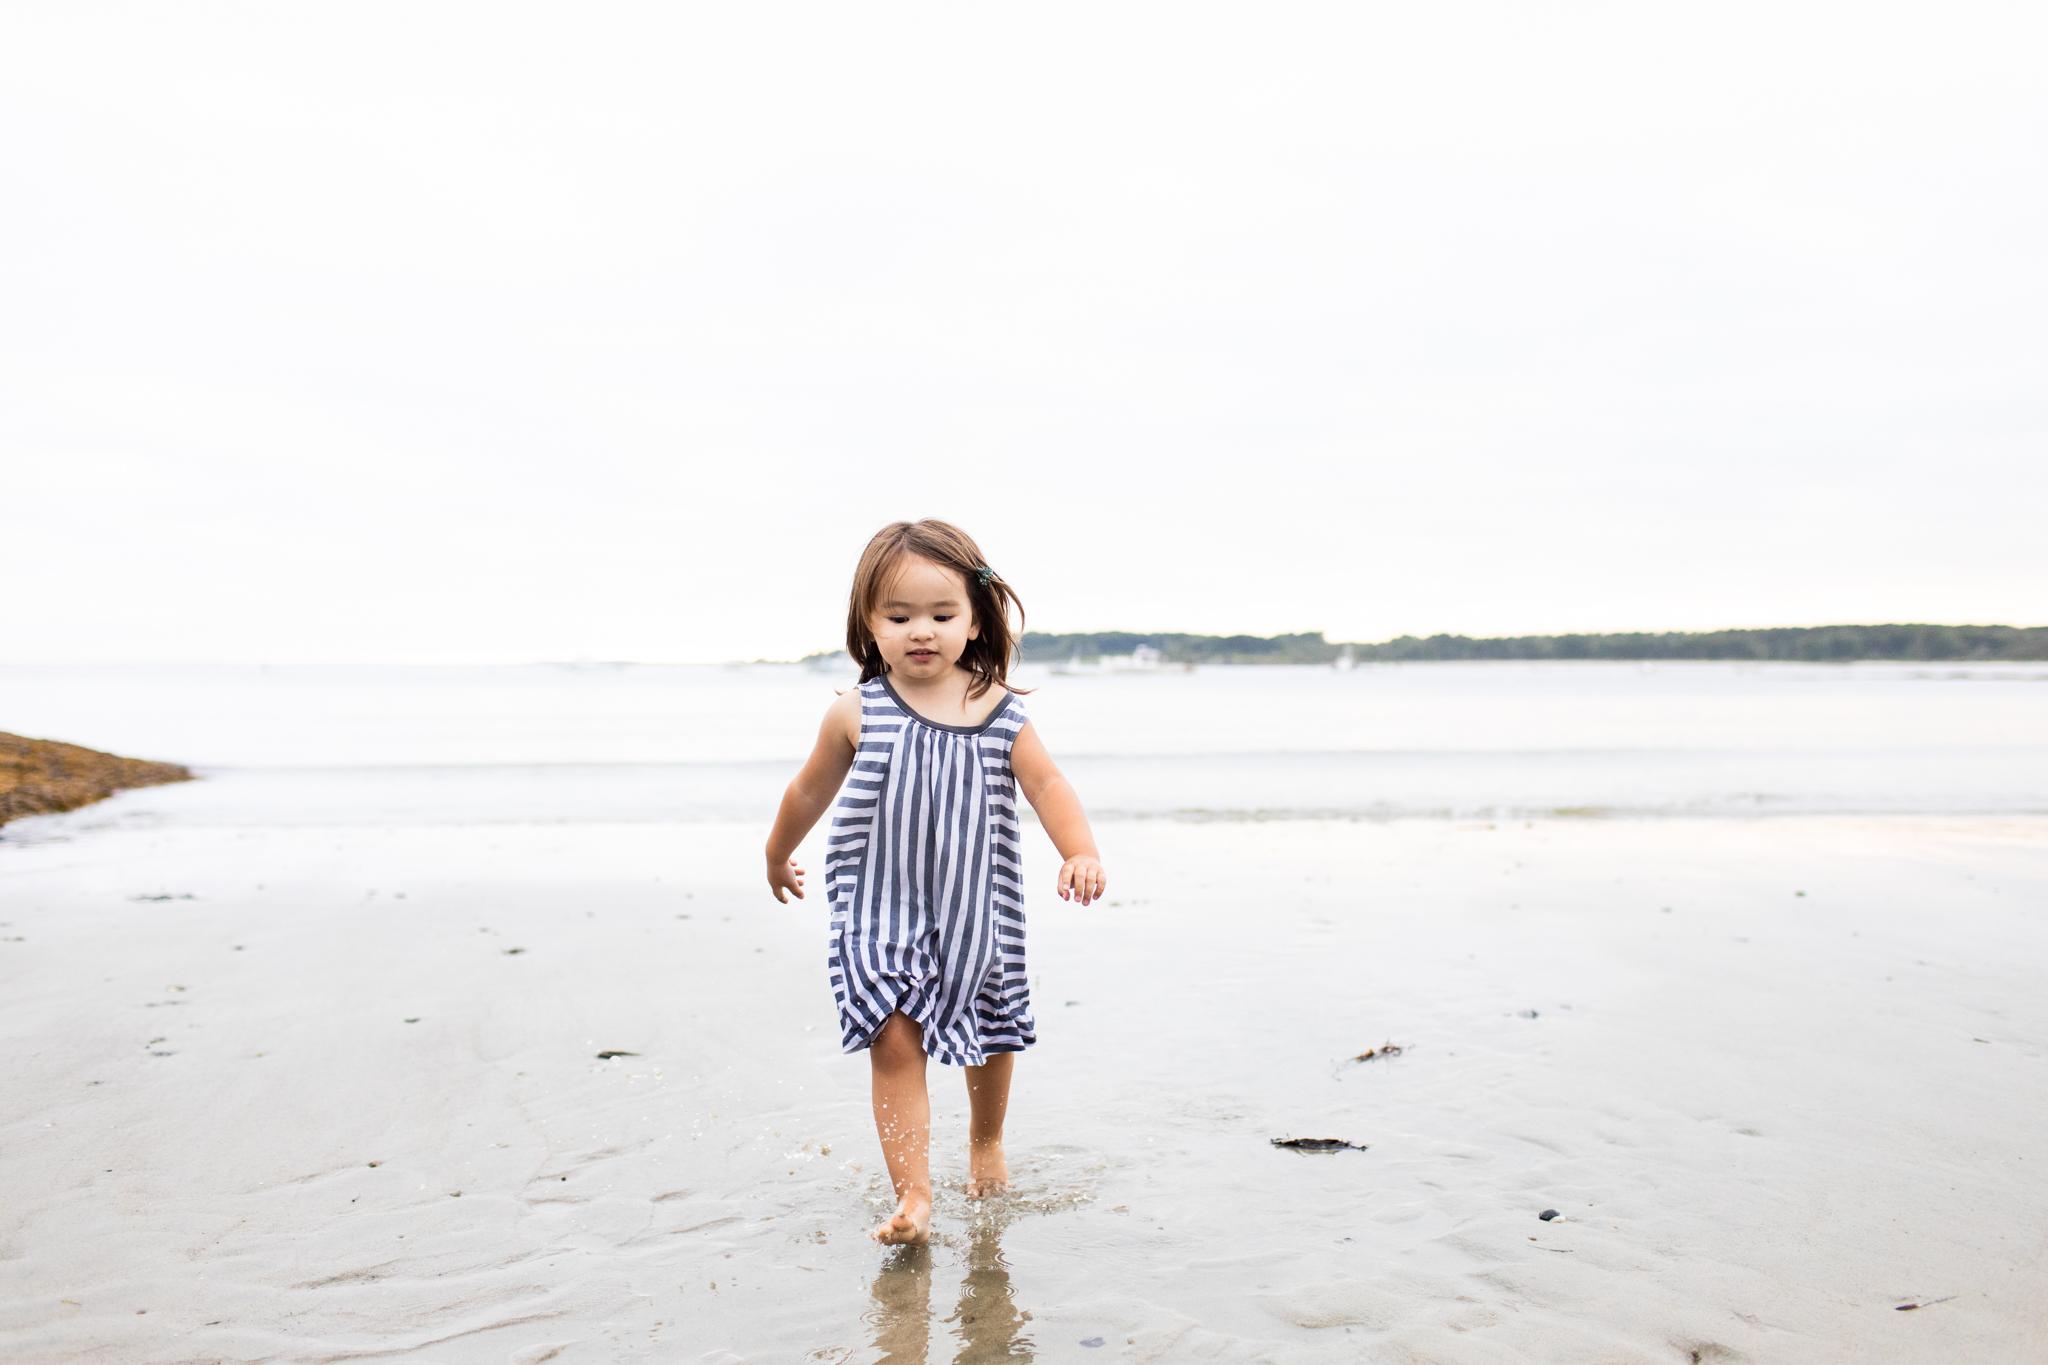 maine-family-photographer-beach-lifestyle -70.jpg